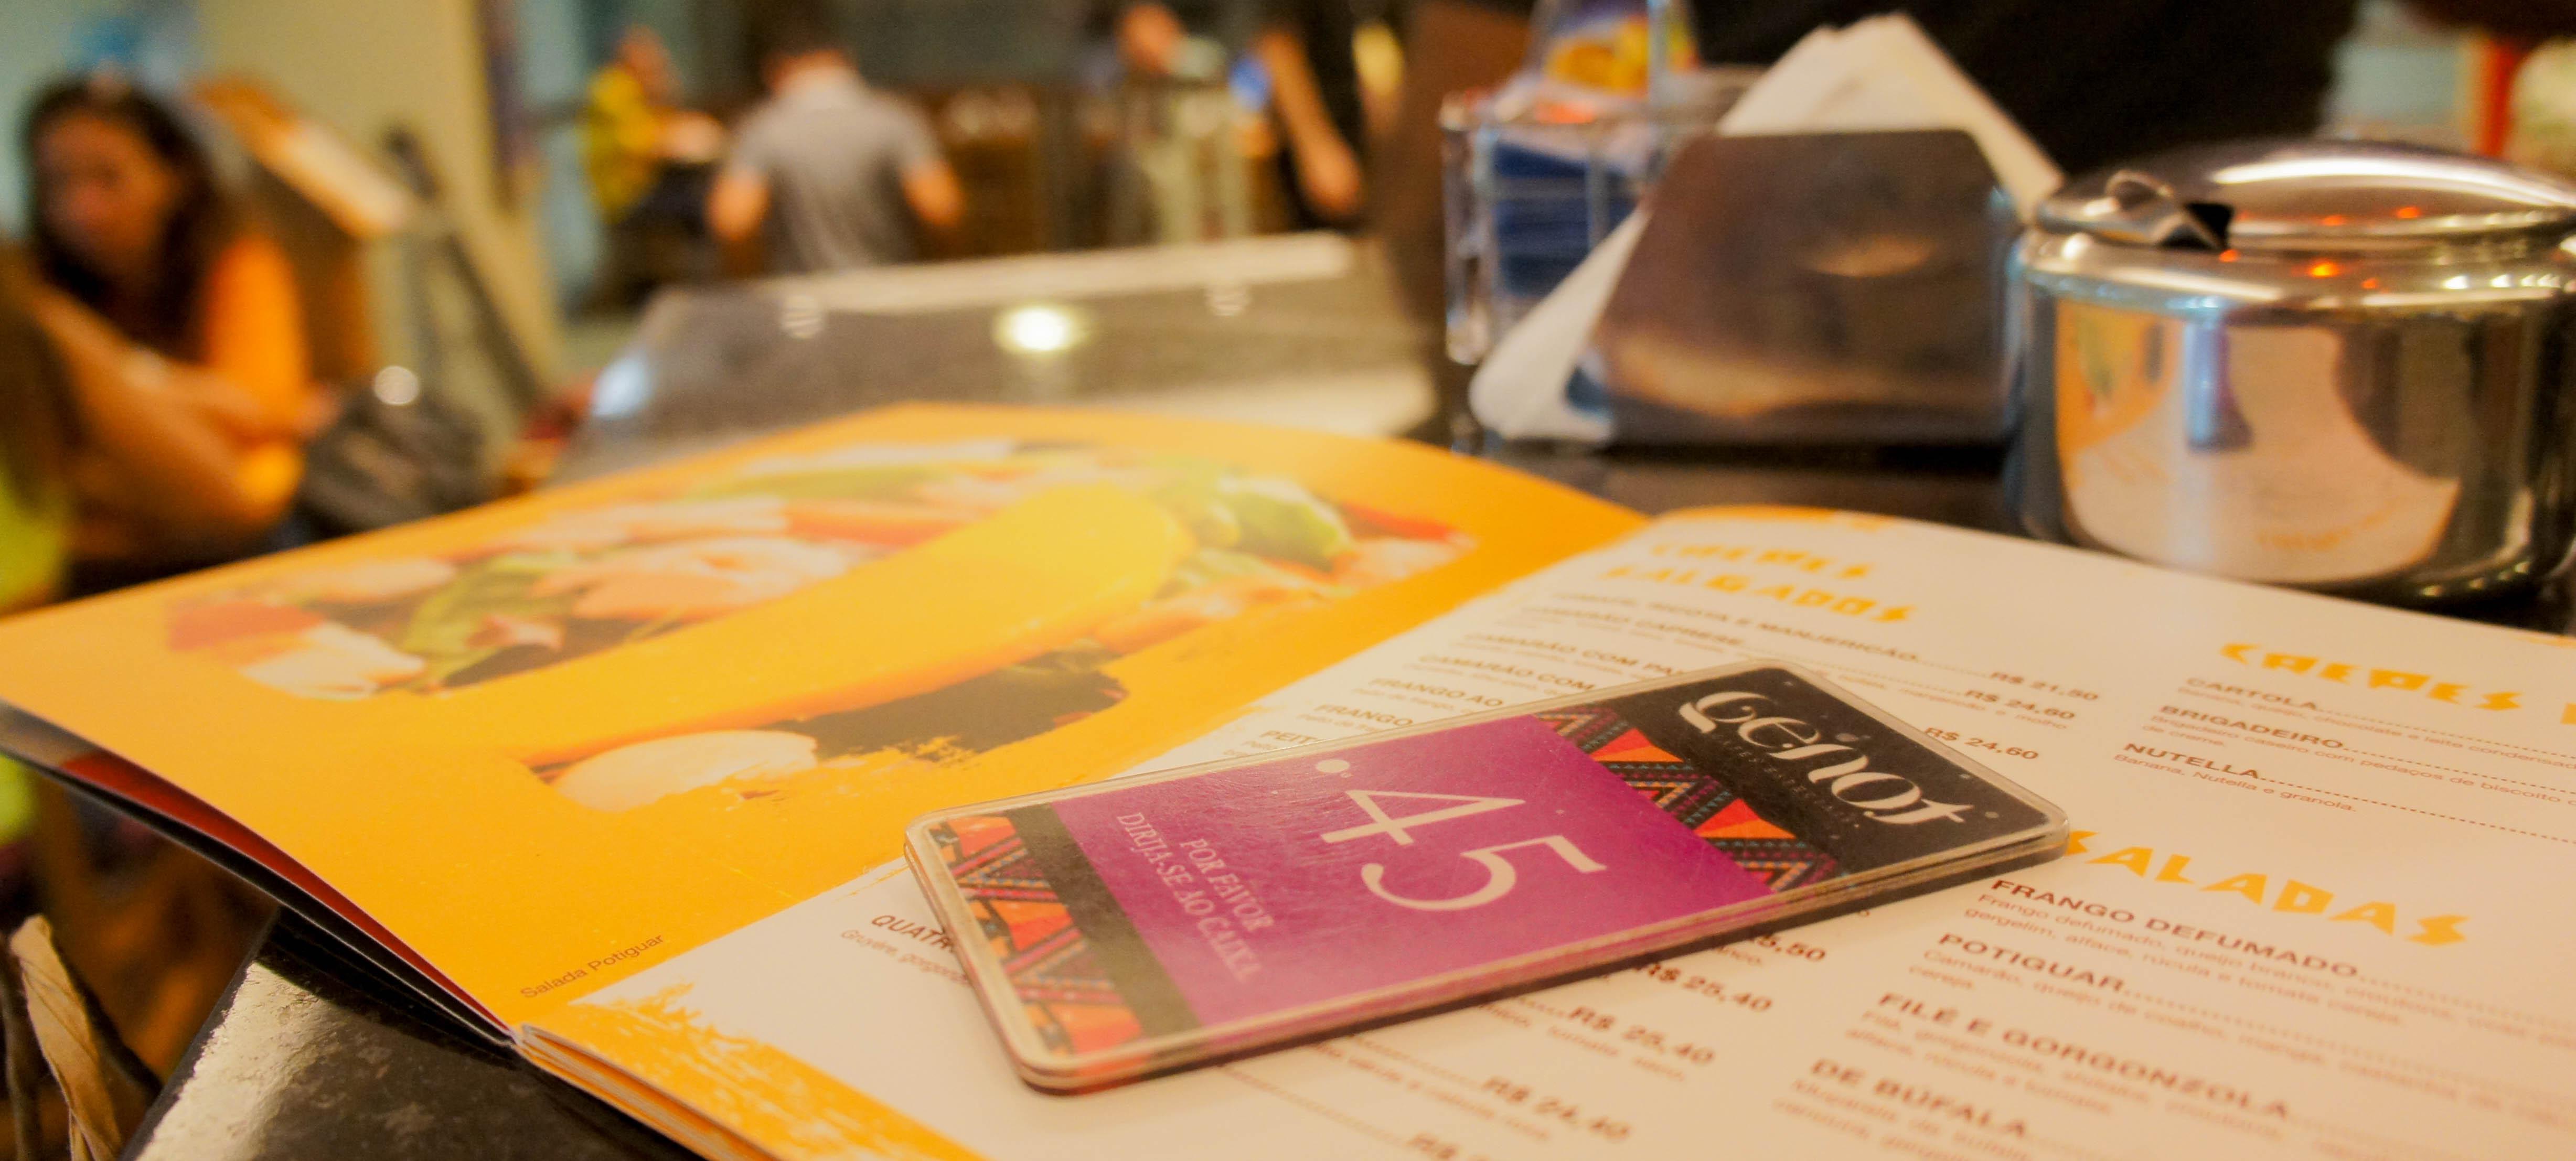 Café, livros e boa comida